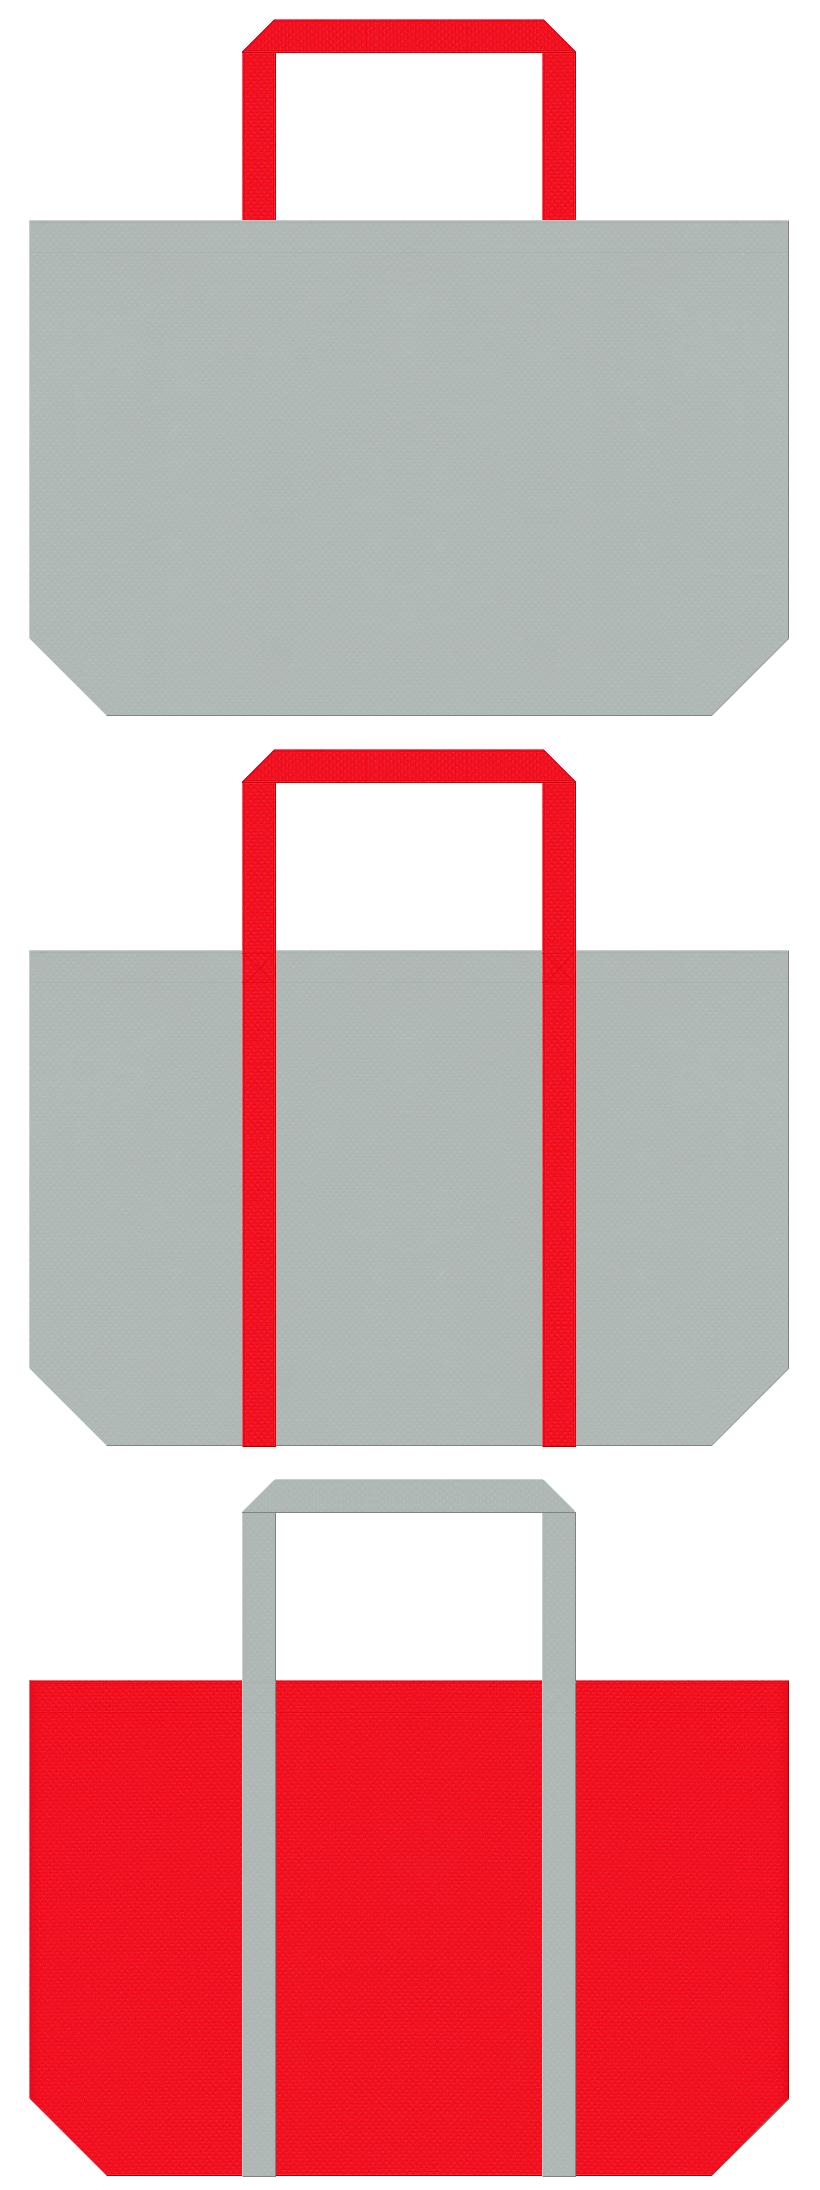 グレー色と赤色の不織布エコバッグのデザイン。ラジコン・プラモデル・ロボット等の展示会用バッグにお奨めです。